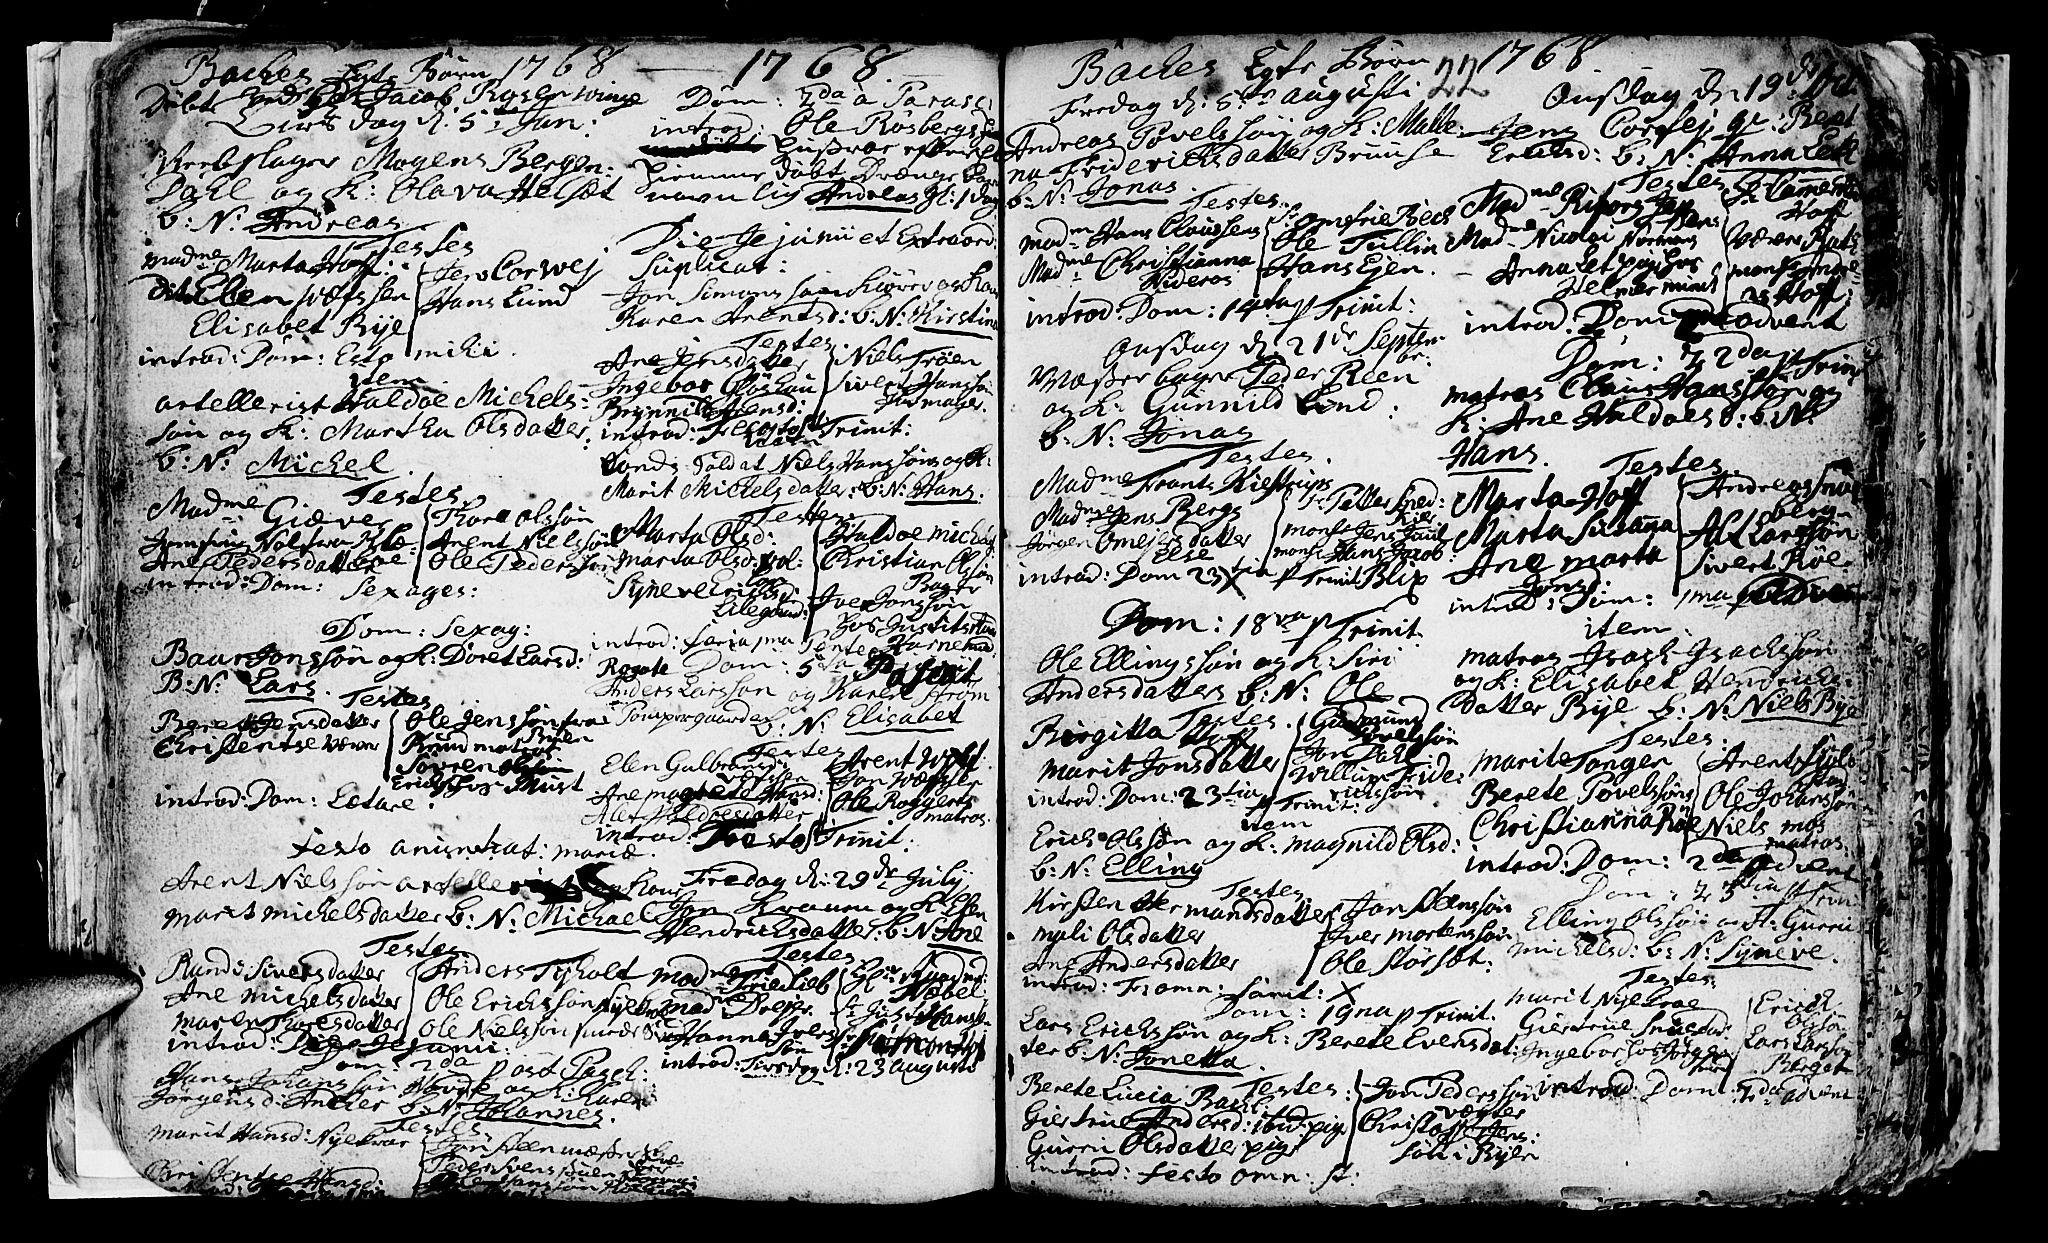 SAT, Ministerialprotokoller, klokkerbøker og fødselsregistre - Sør-Trøndelag, 604/L0218: Klokkerbok nr. 604C01, 1754-1819, s. 22